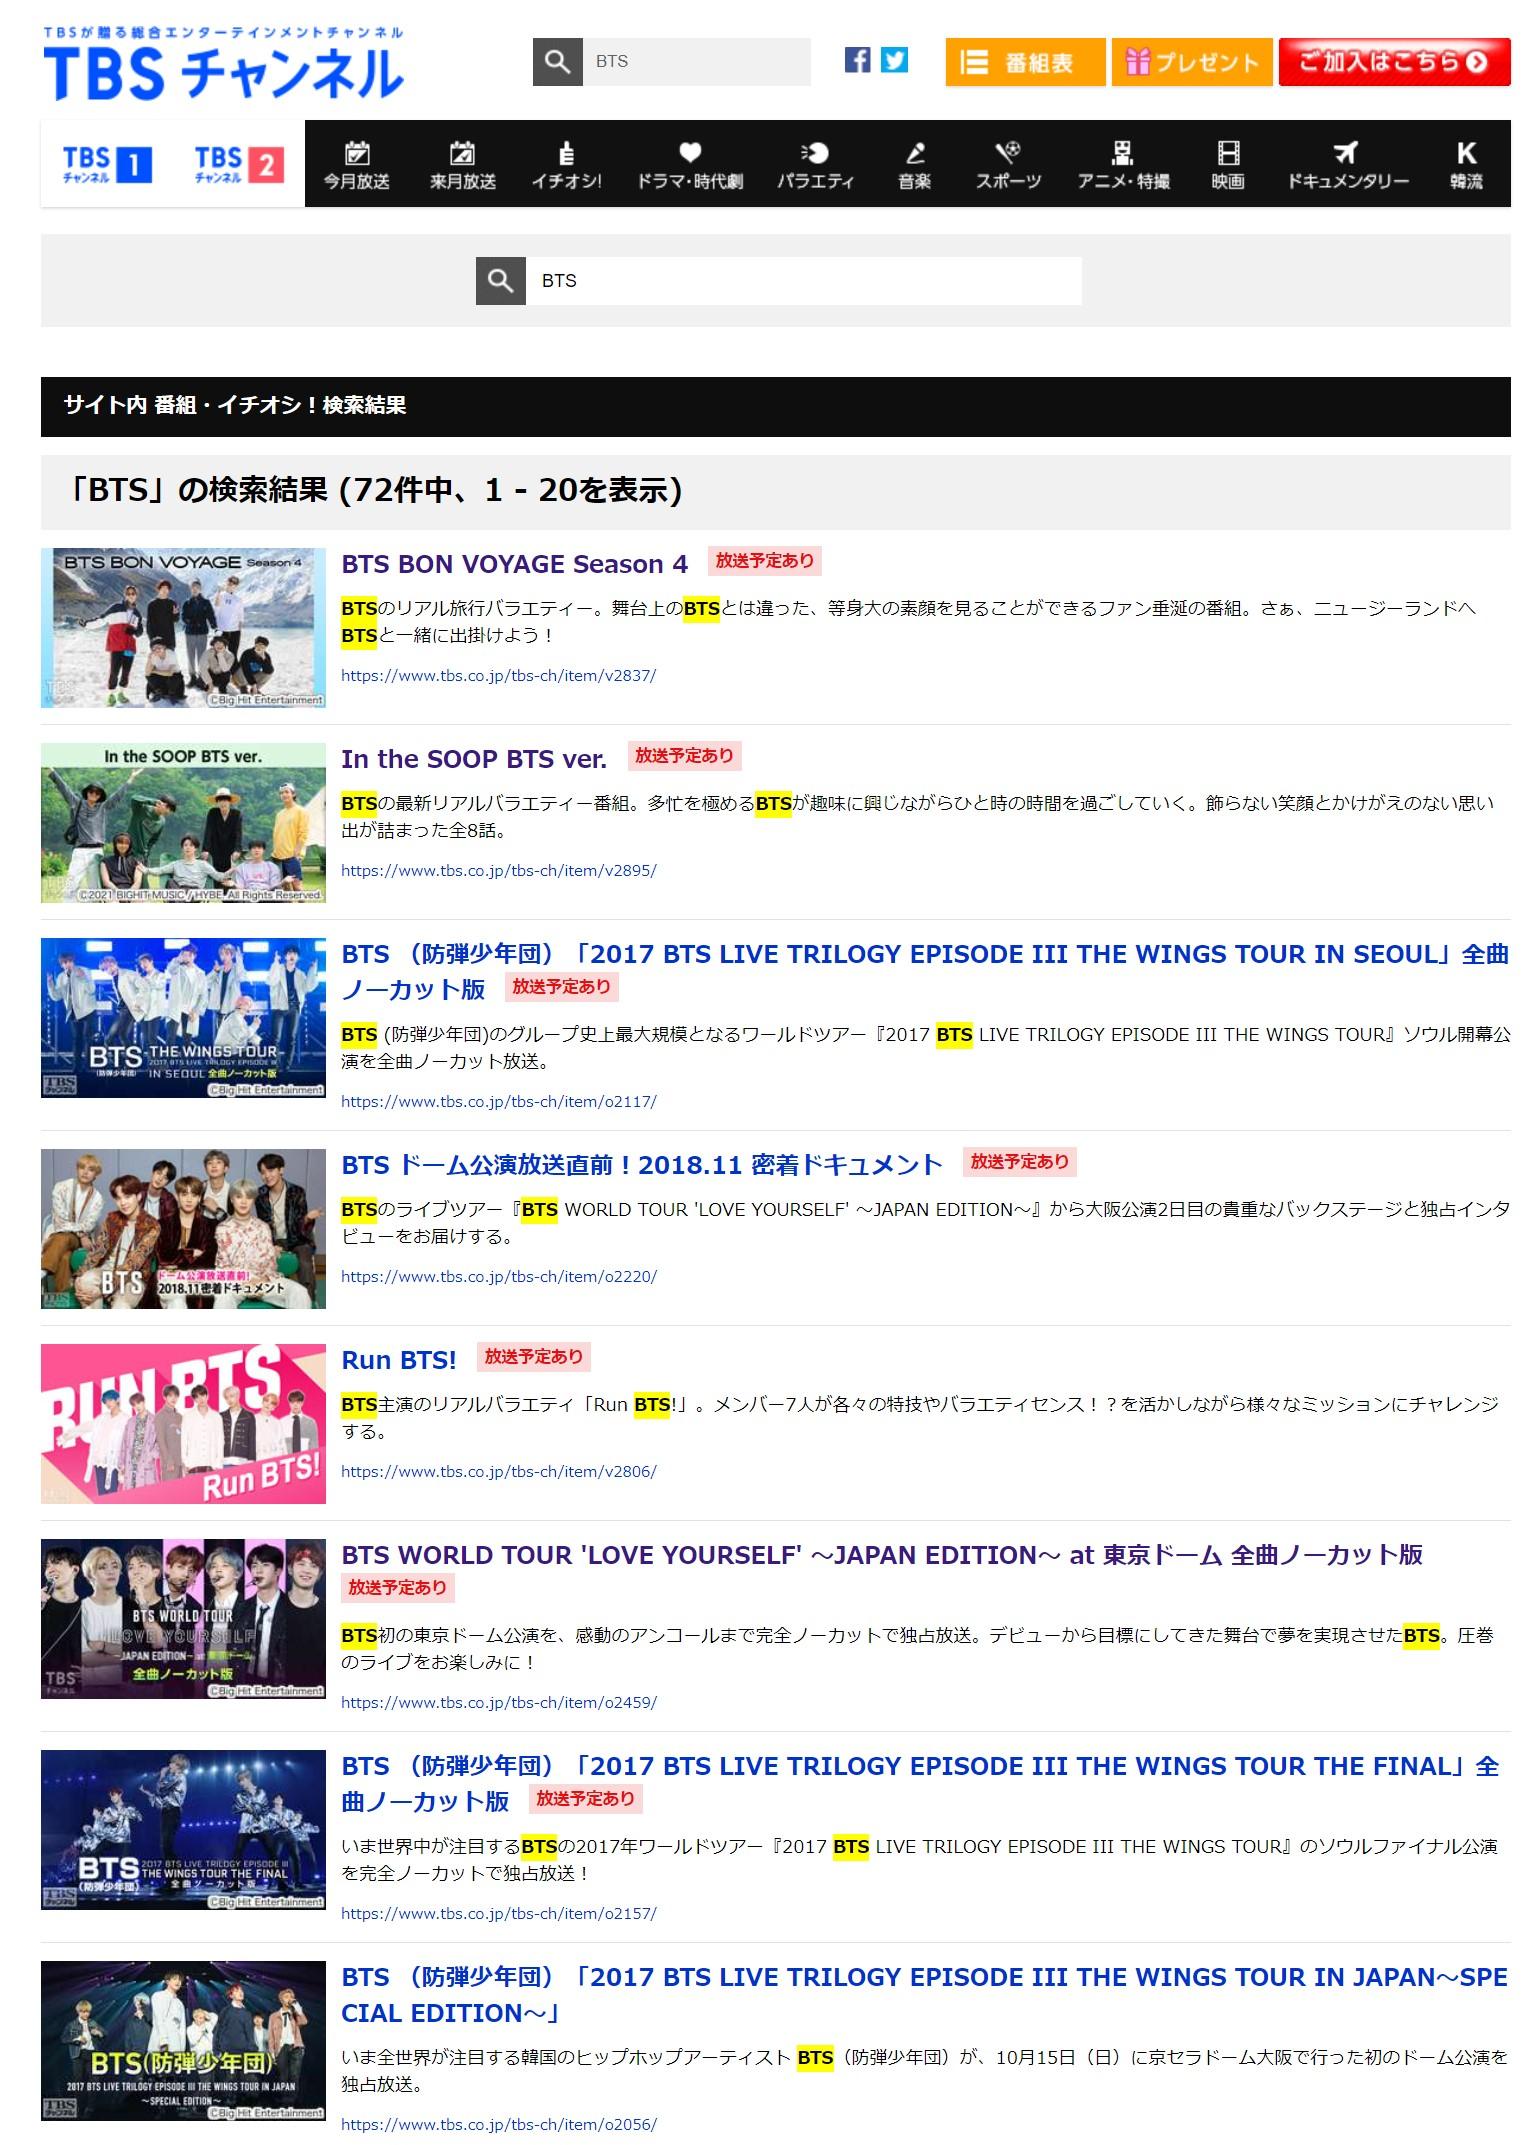 In the SOOP BTSの無料視聴方法